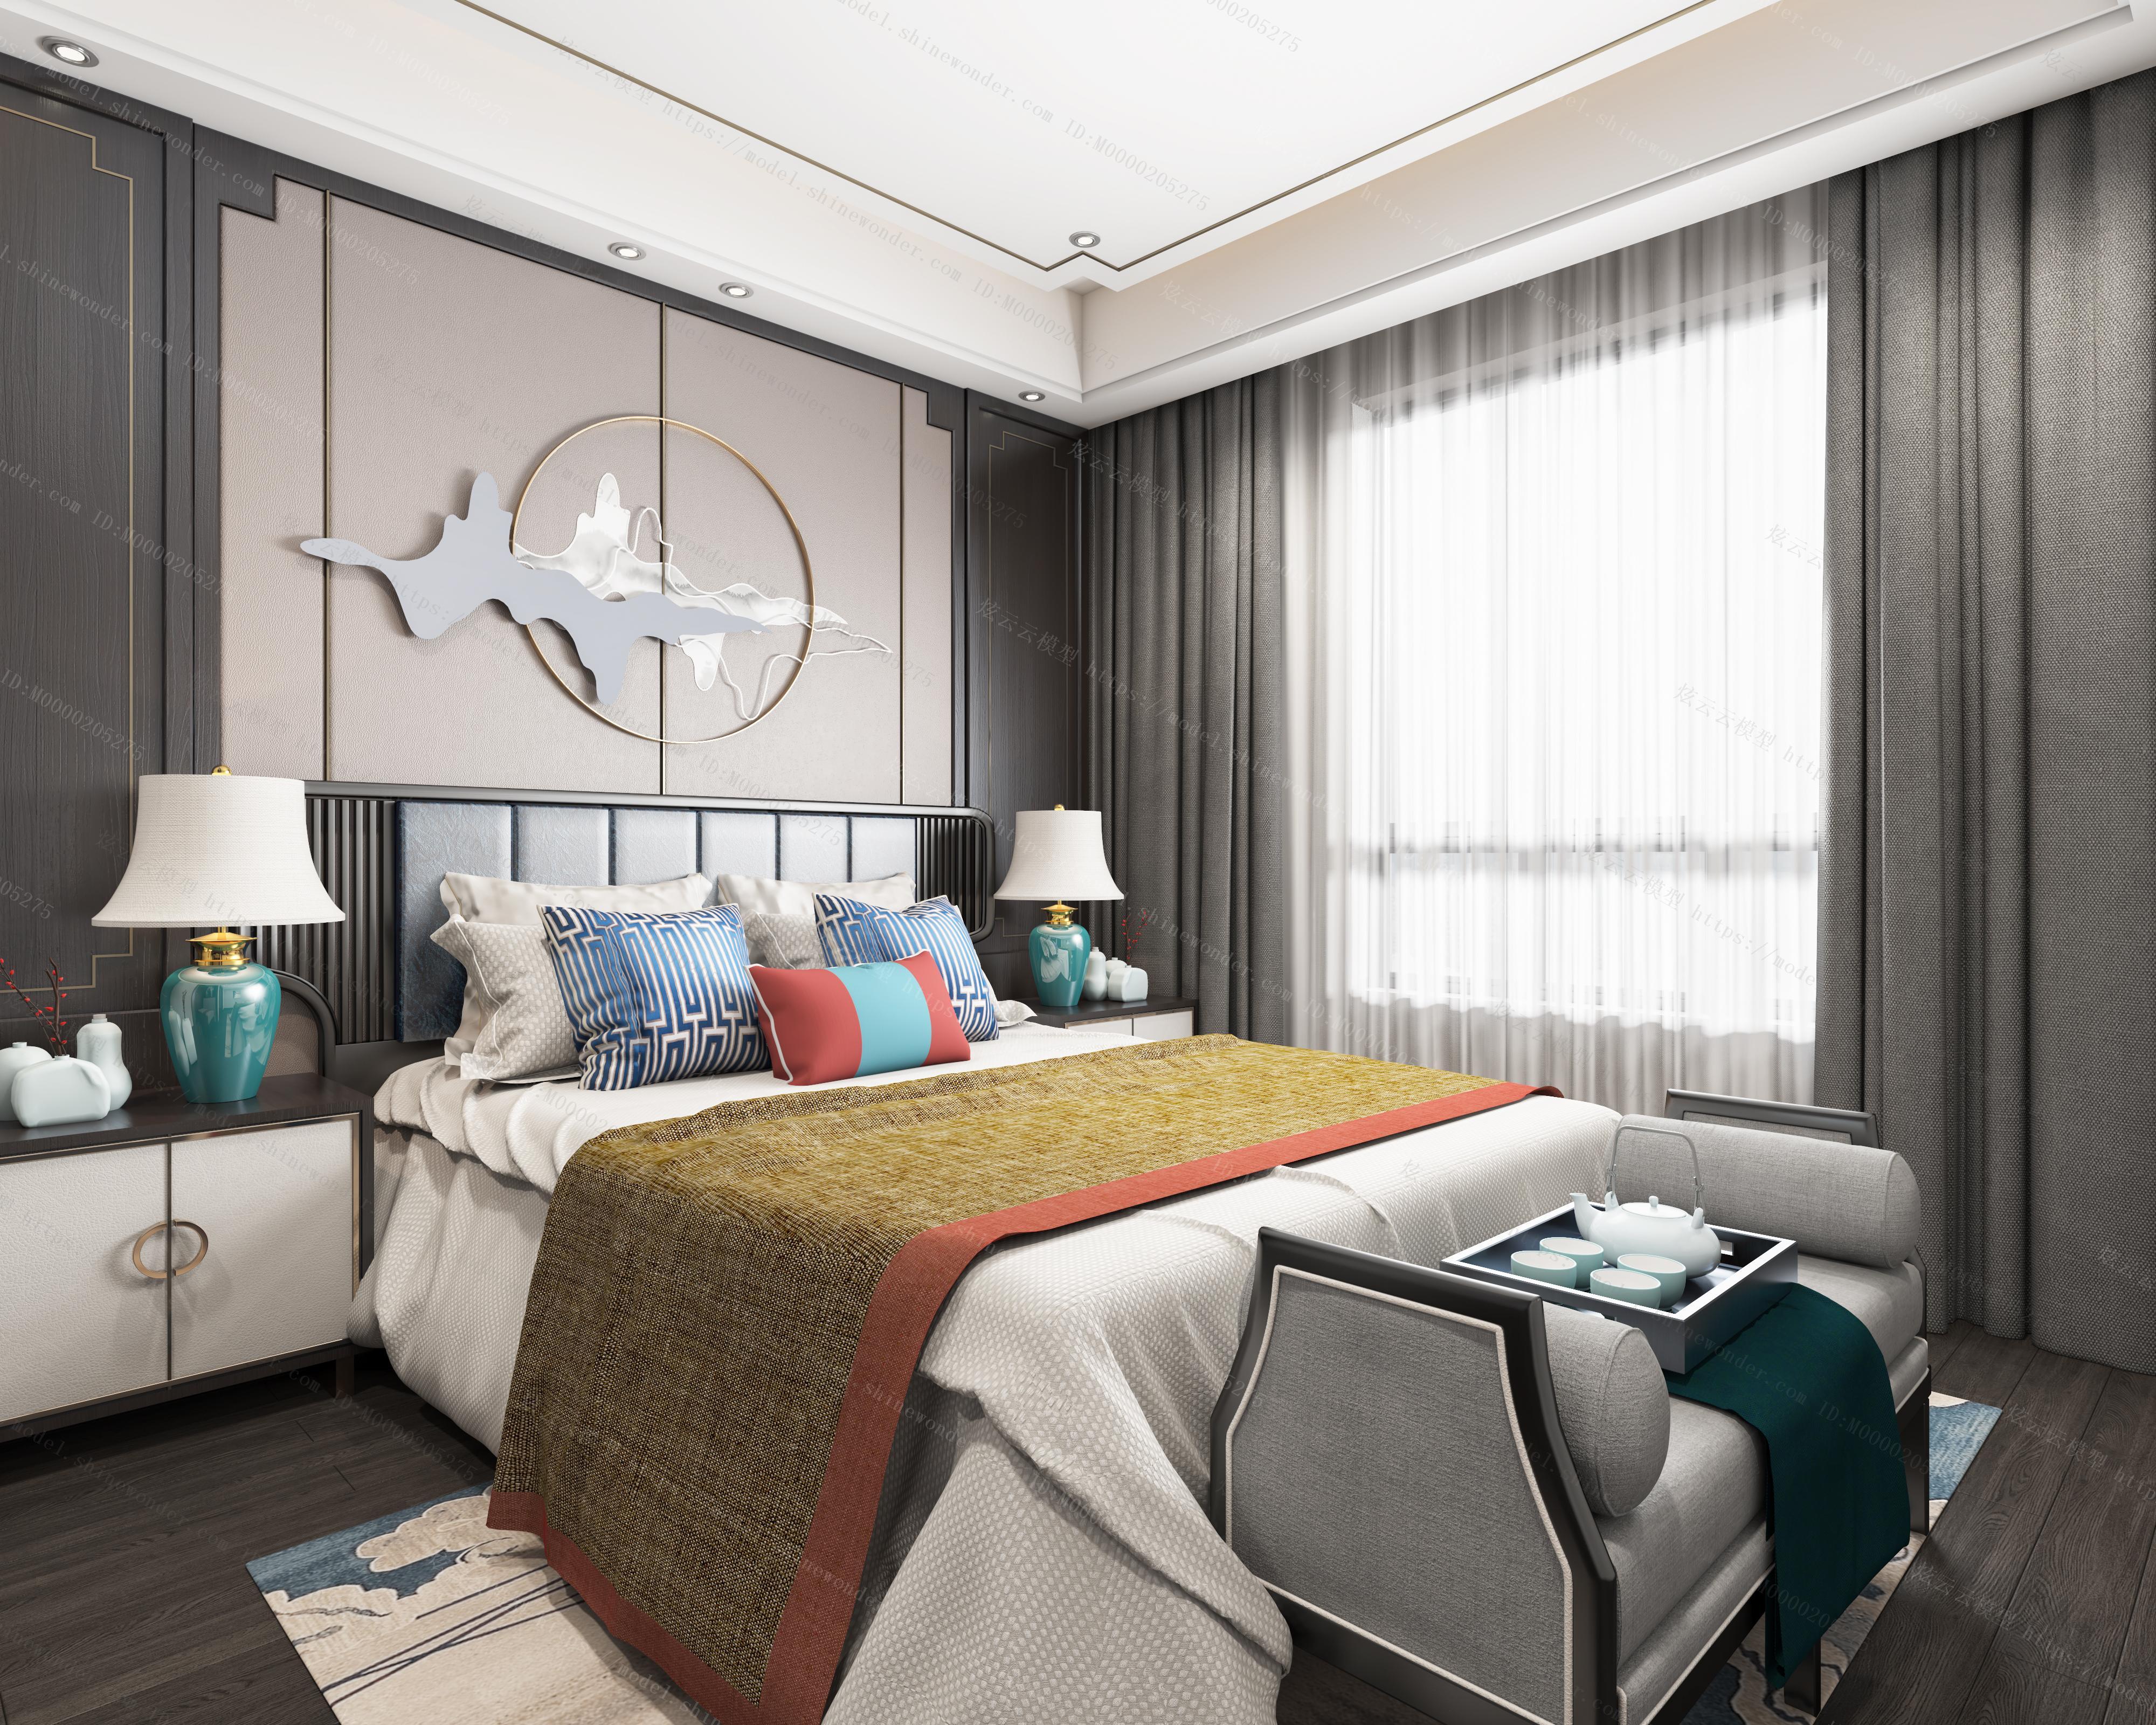 新中式卧室全景模型